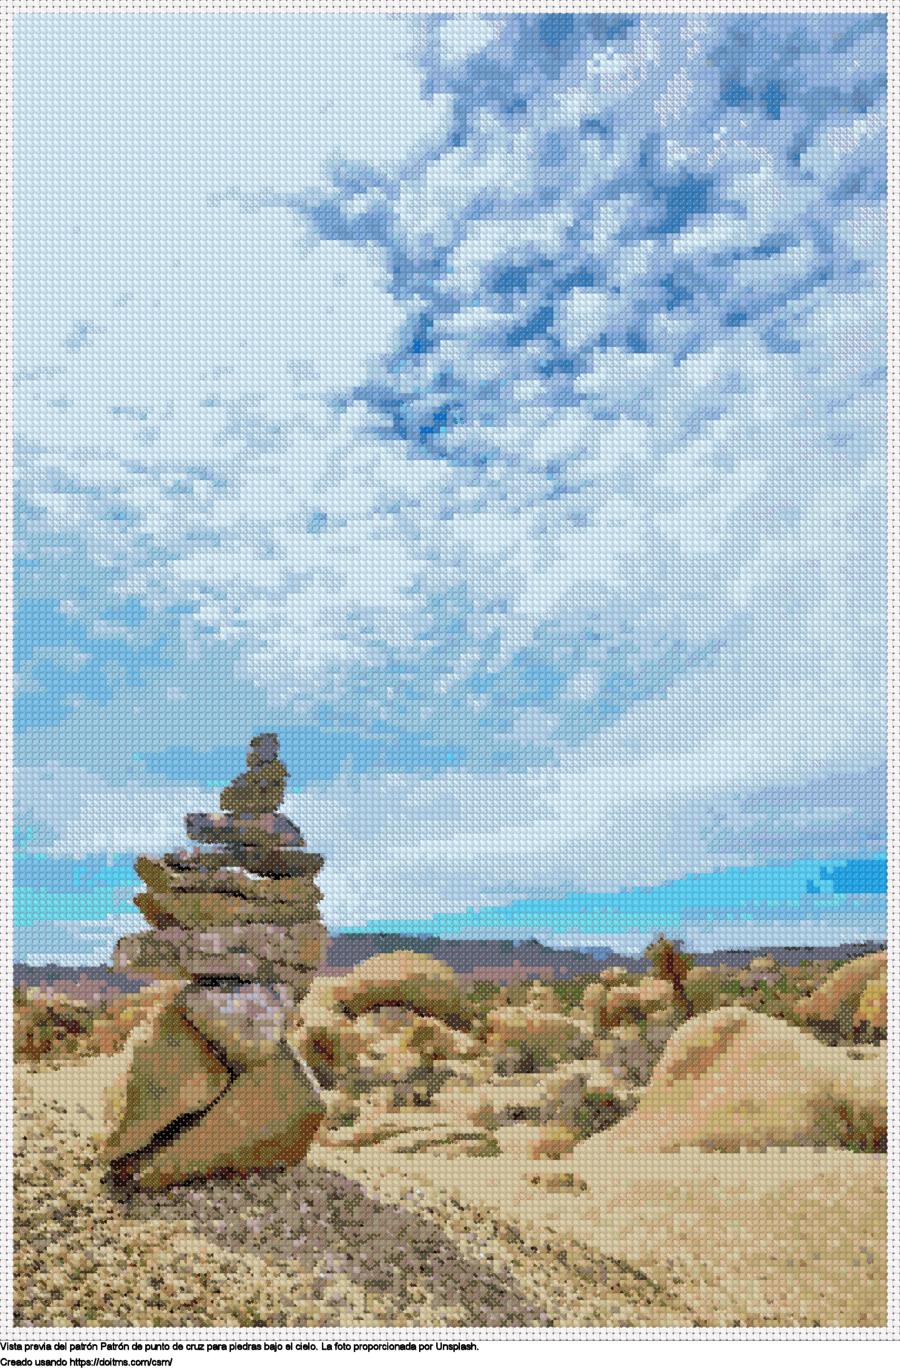 Piedras bajo el cielo